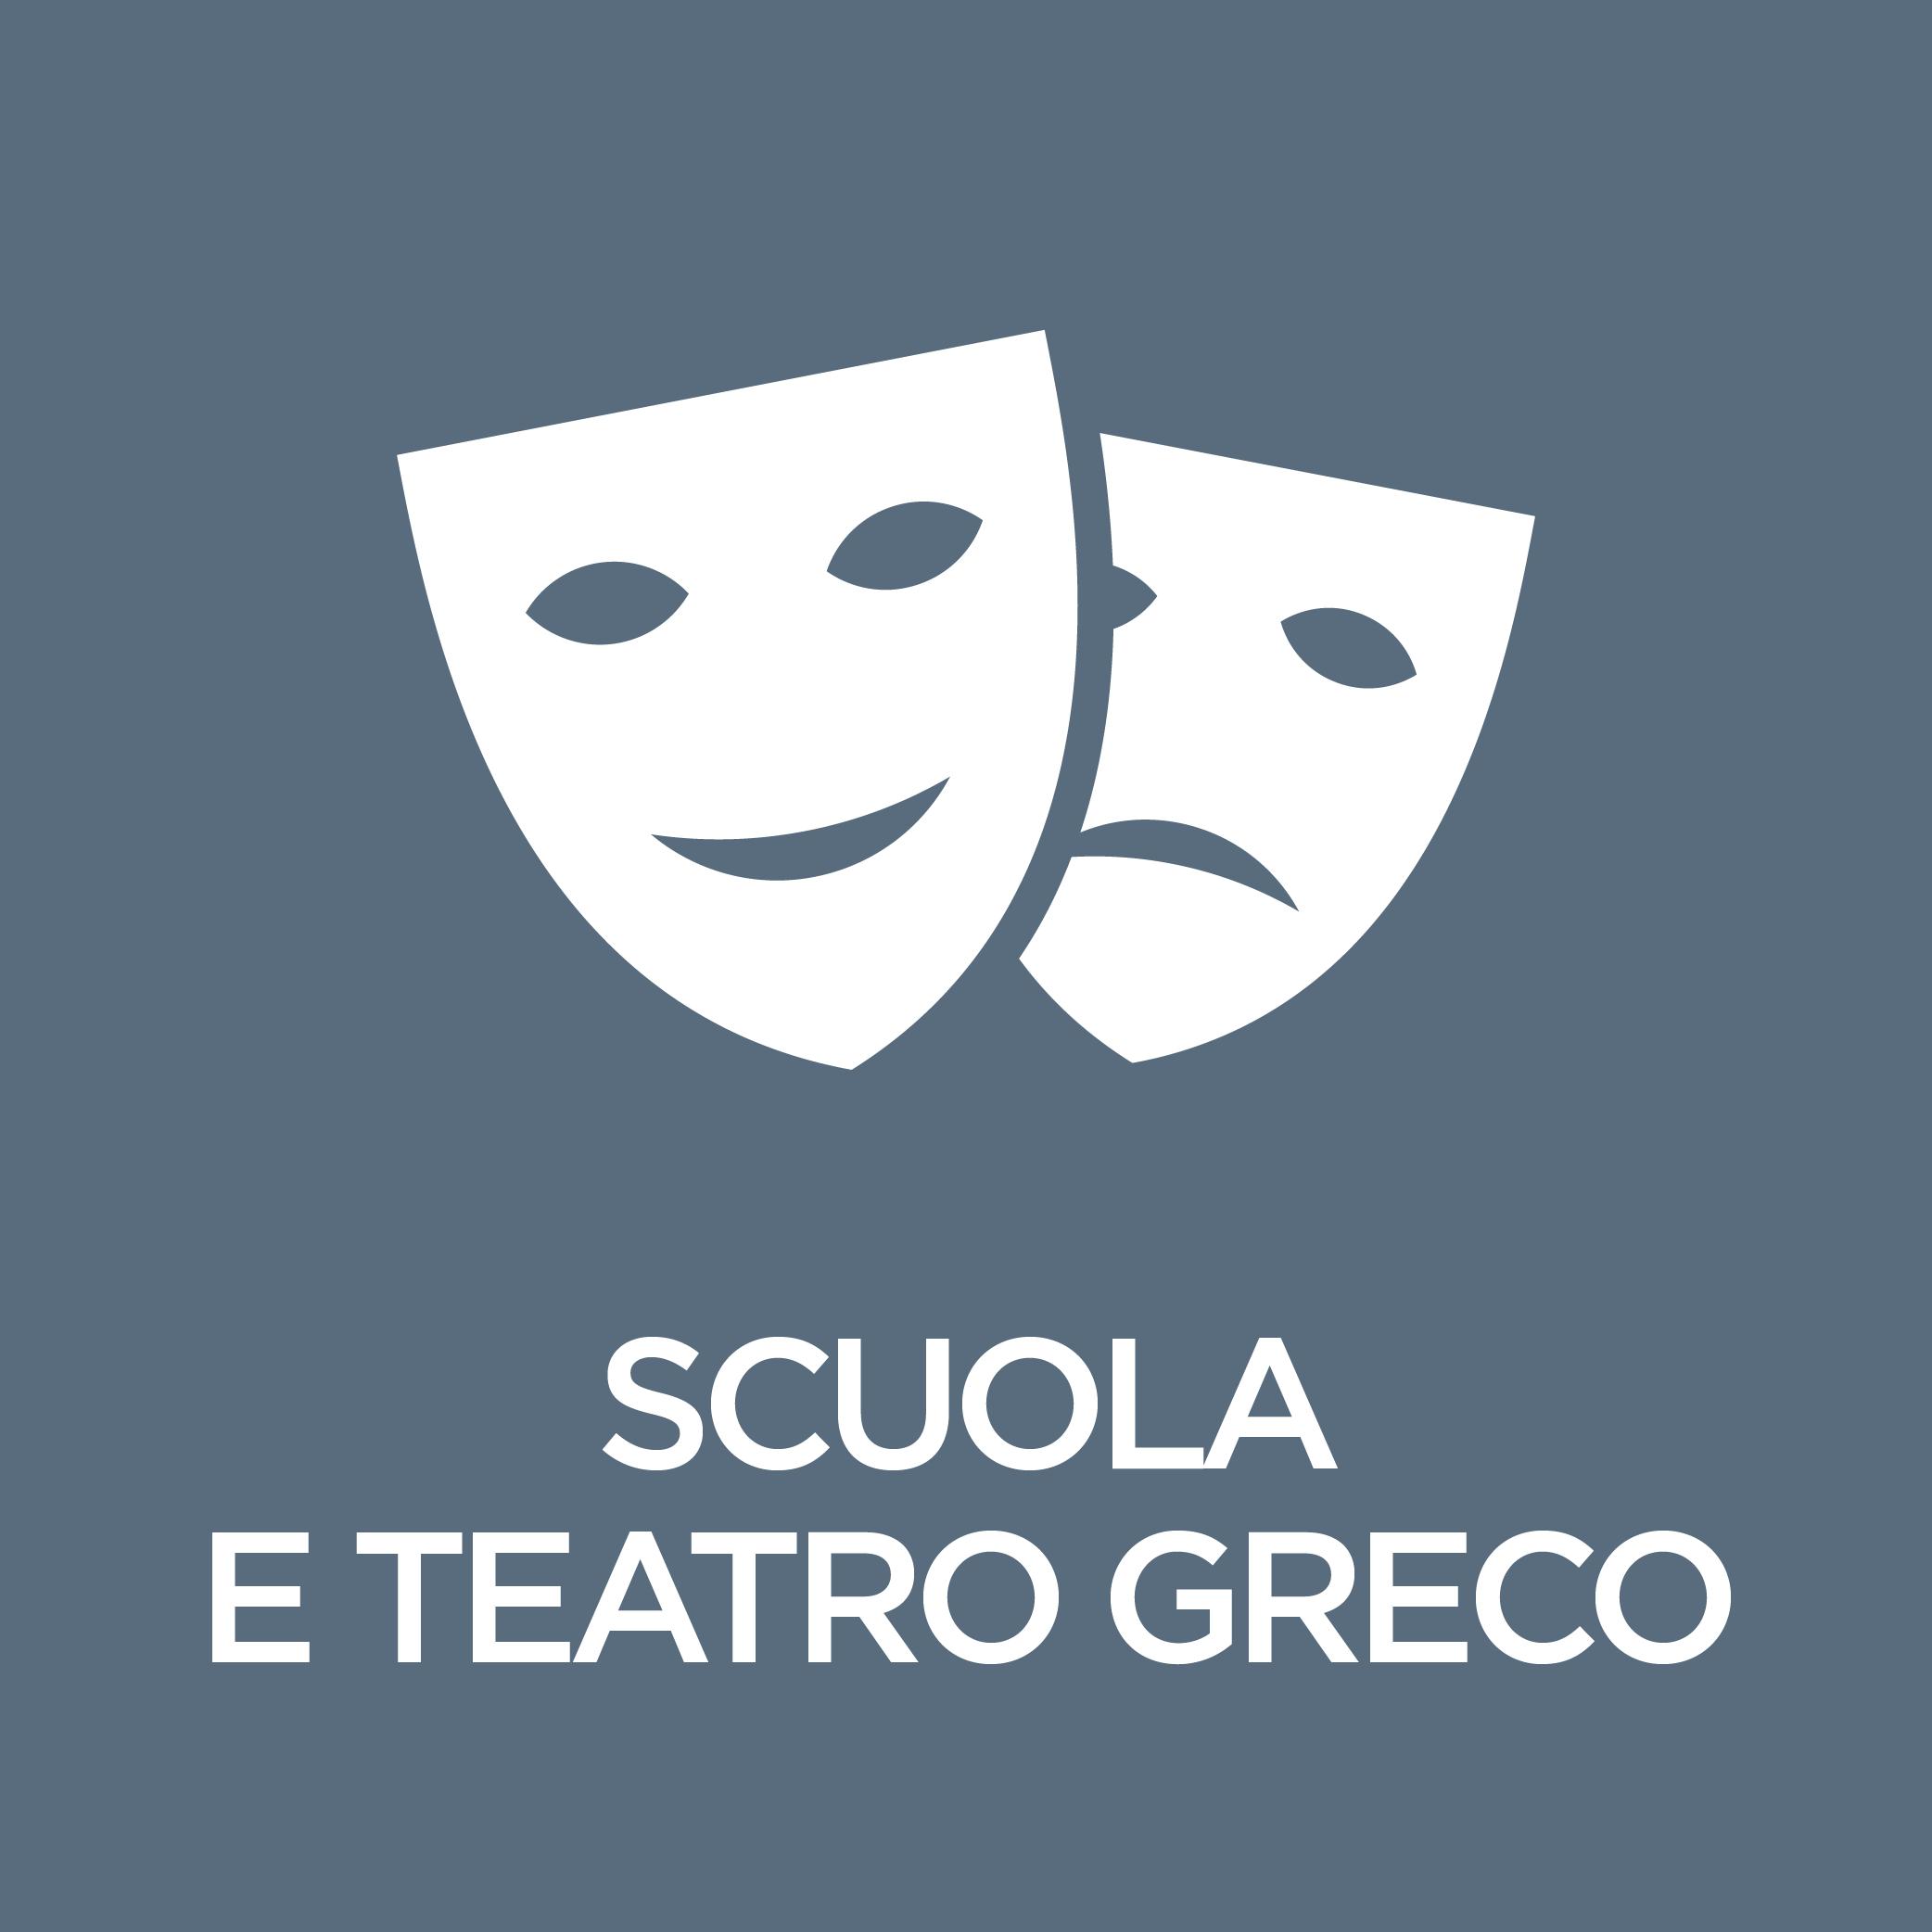 scuola e teatro greco